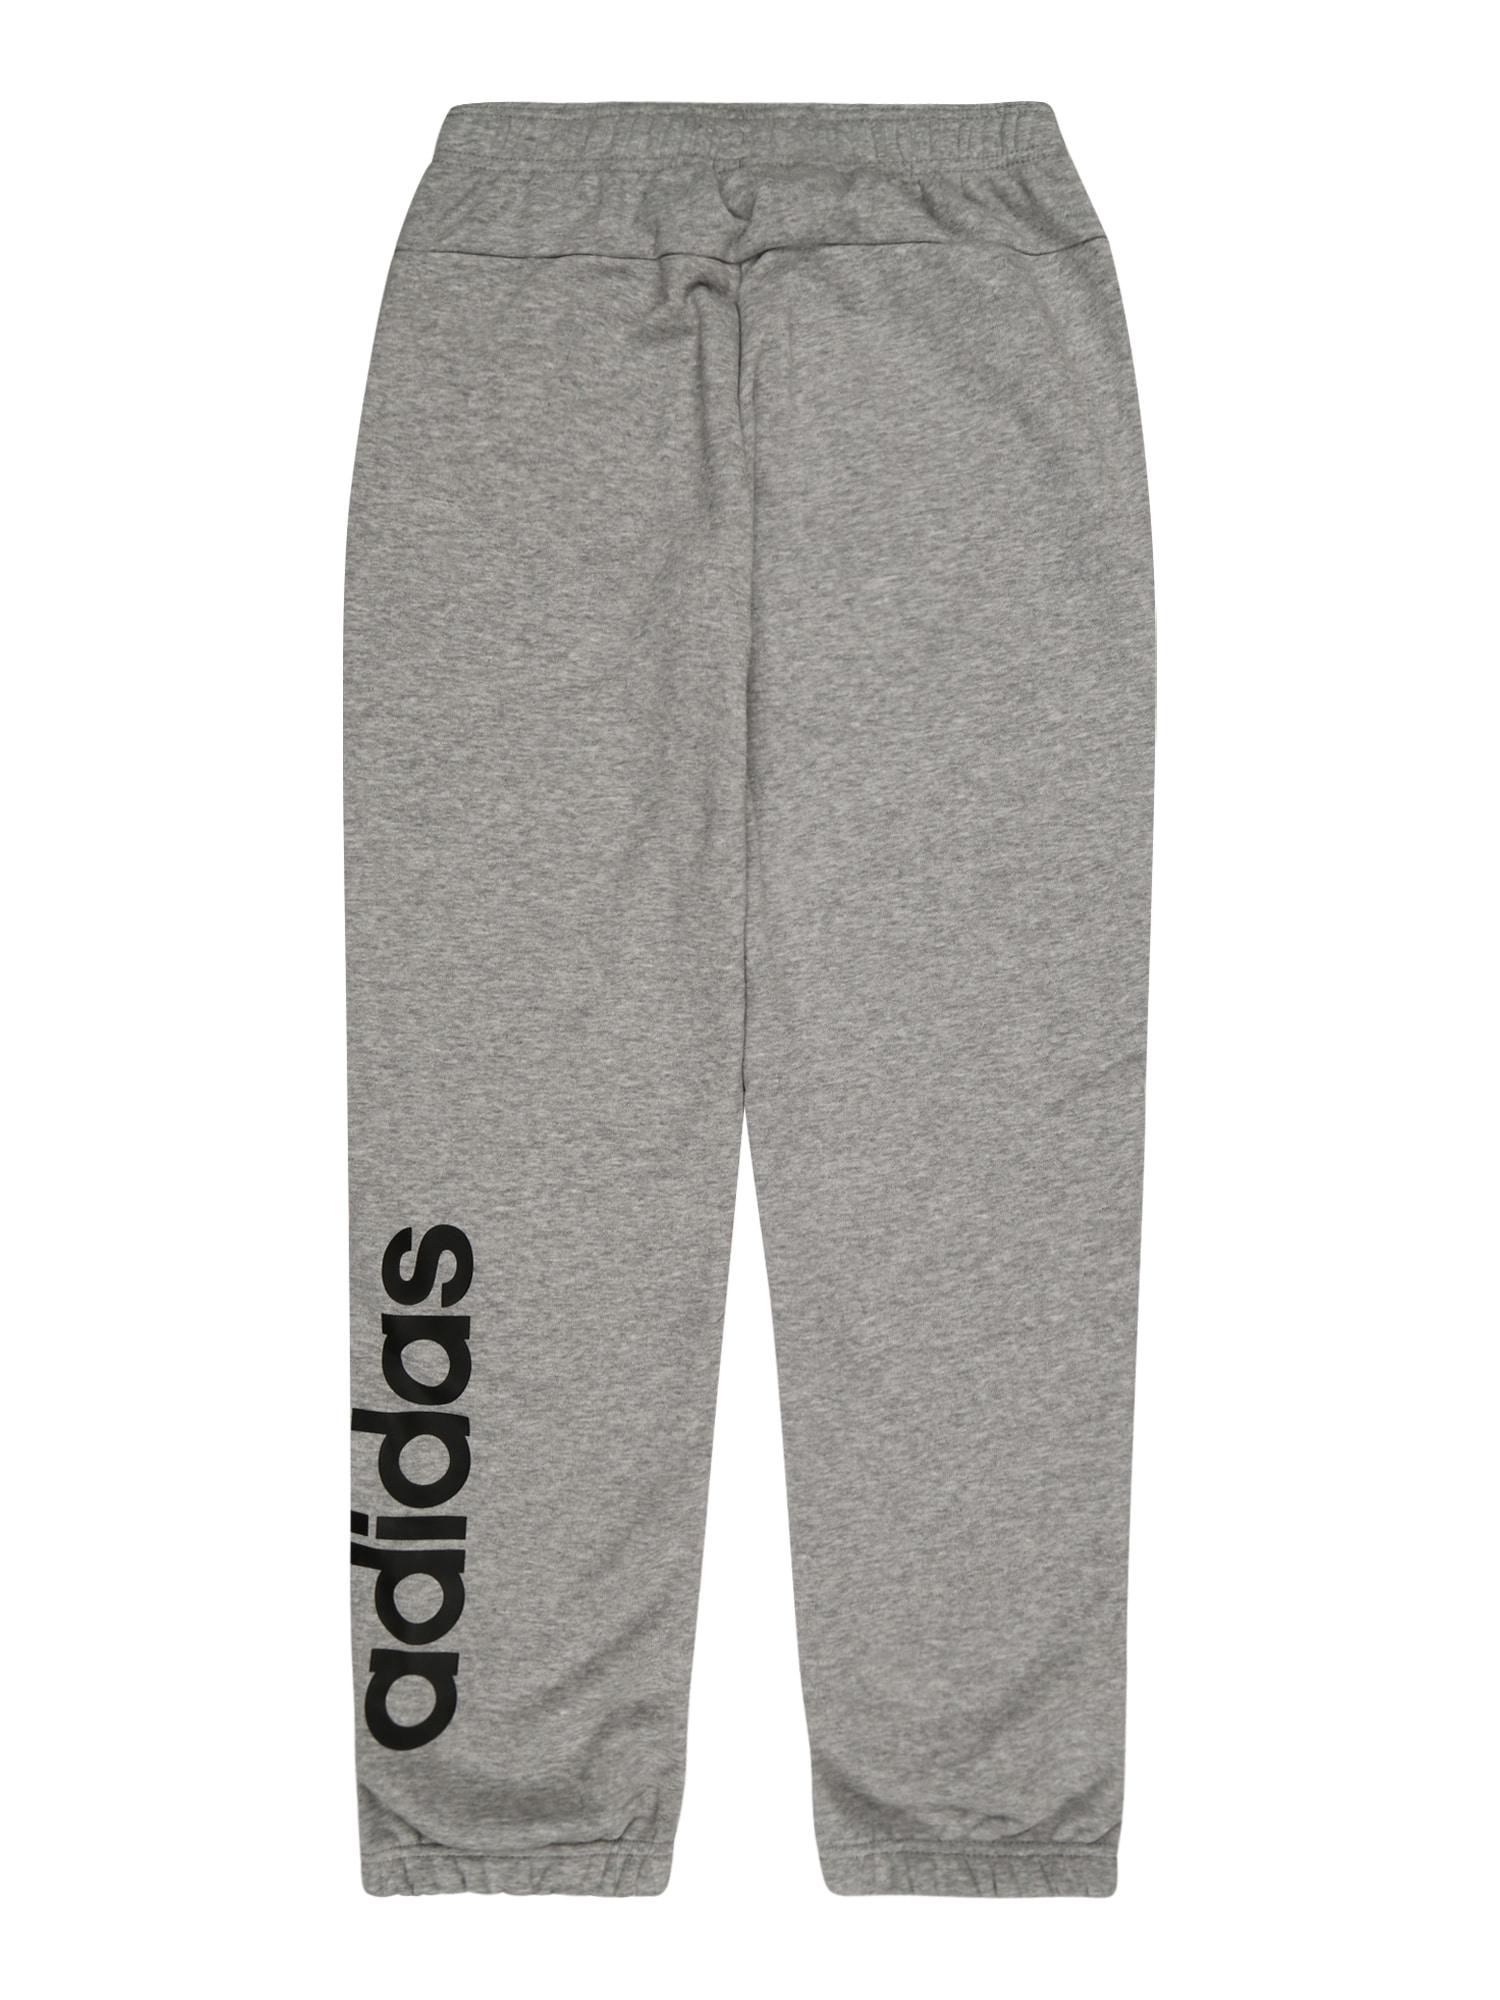 ADIDAS PERFORMANCE Sportinės kelnės 'Essentials Linear' margai pilka / juoda